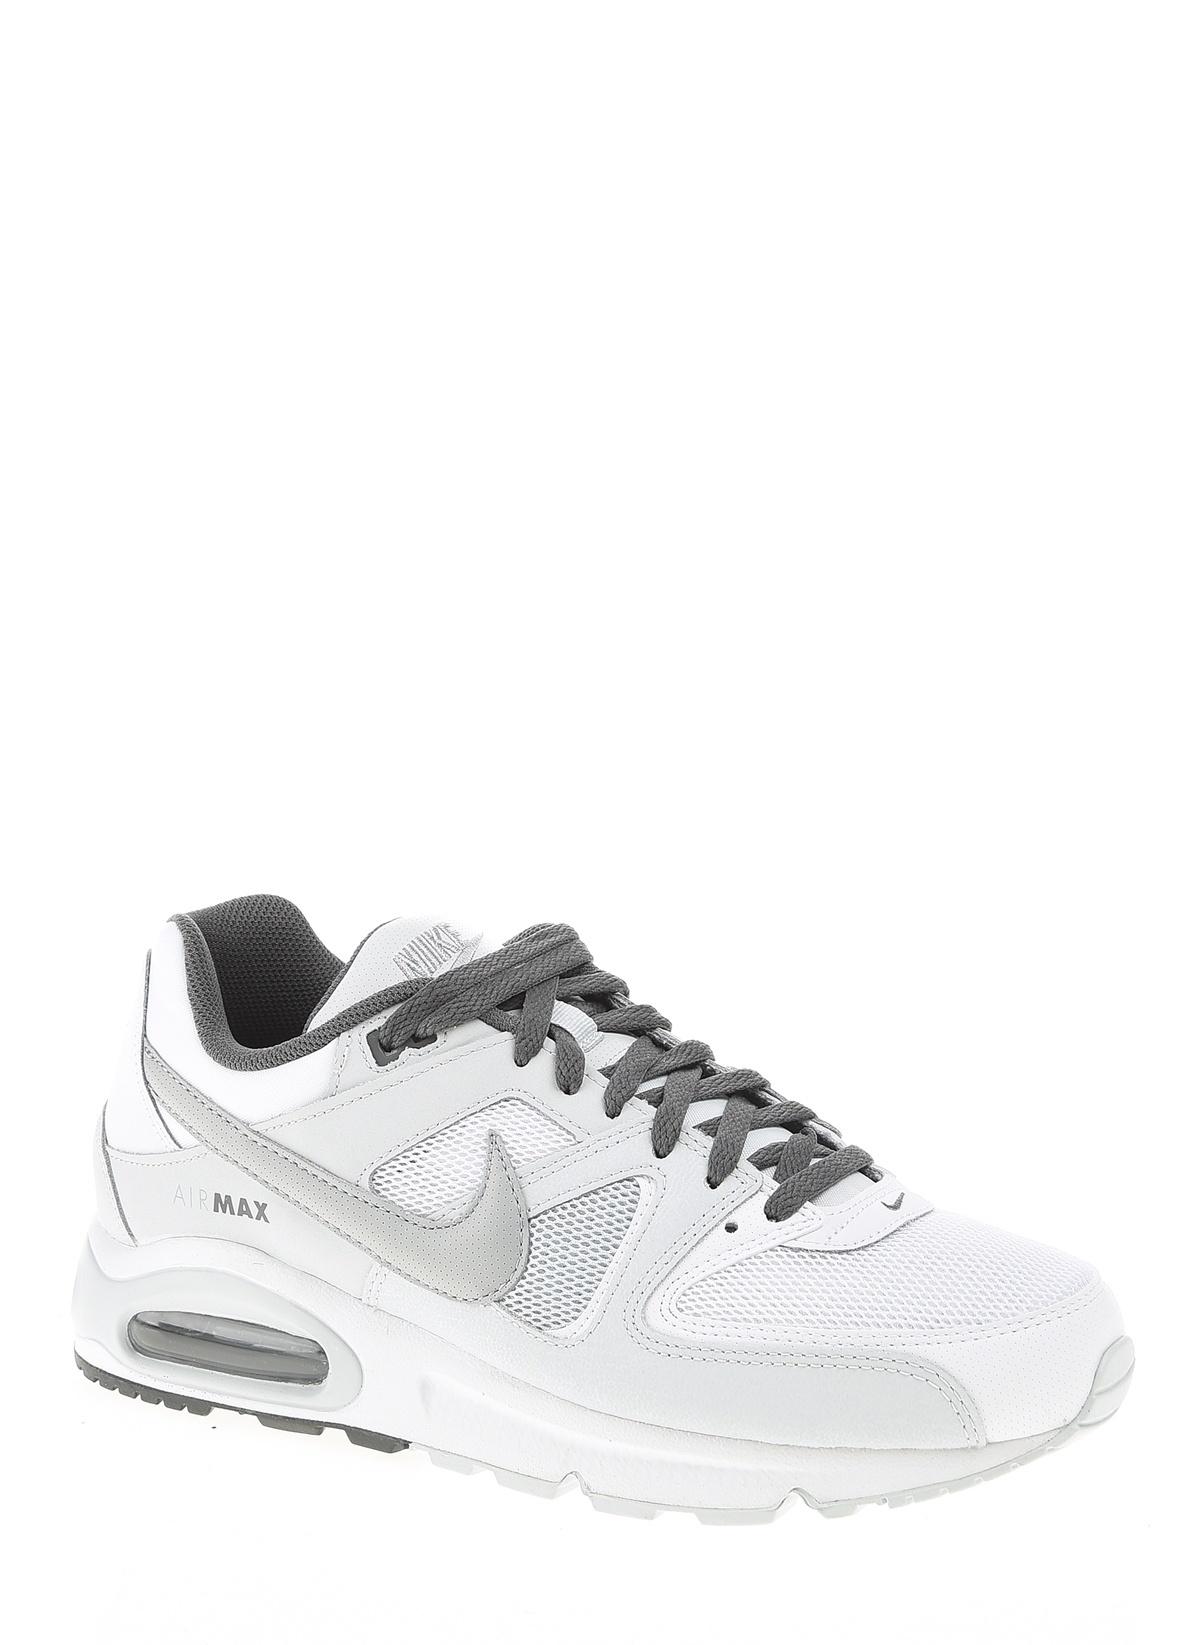 new arrival e52ae 43a9c Nike Air Max Command Beyaz ...